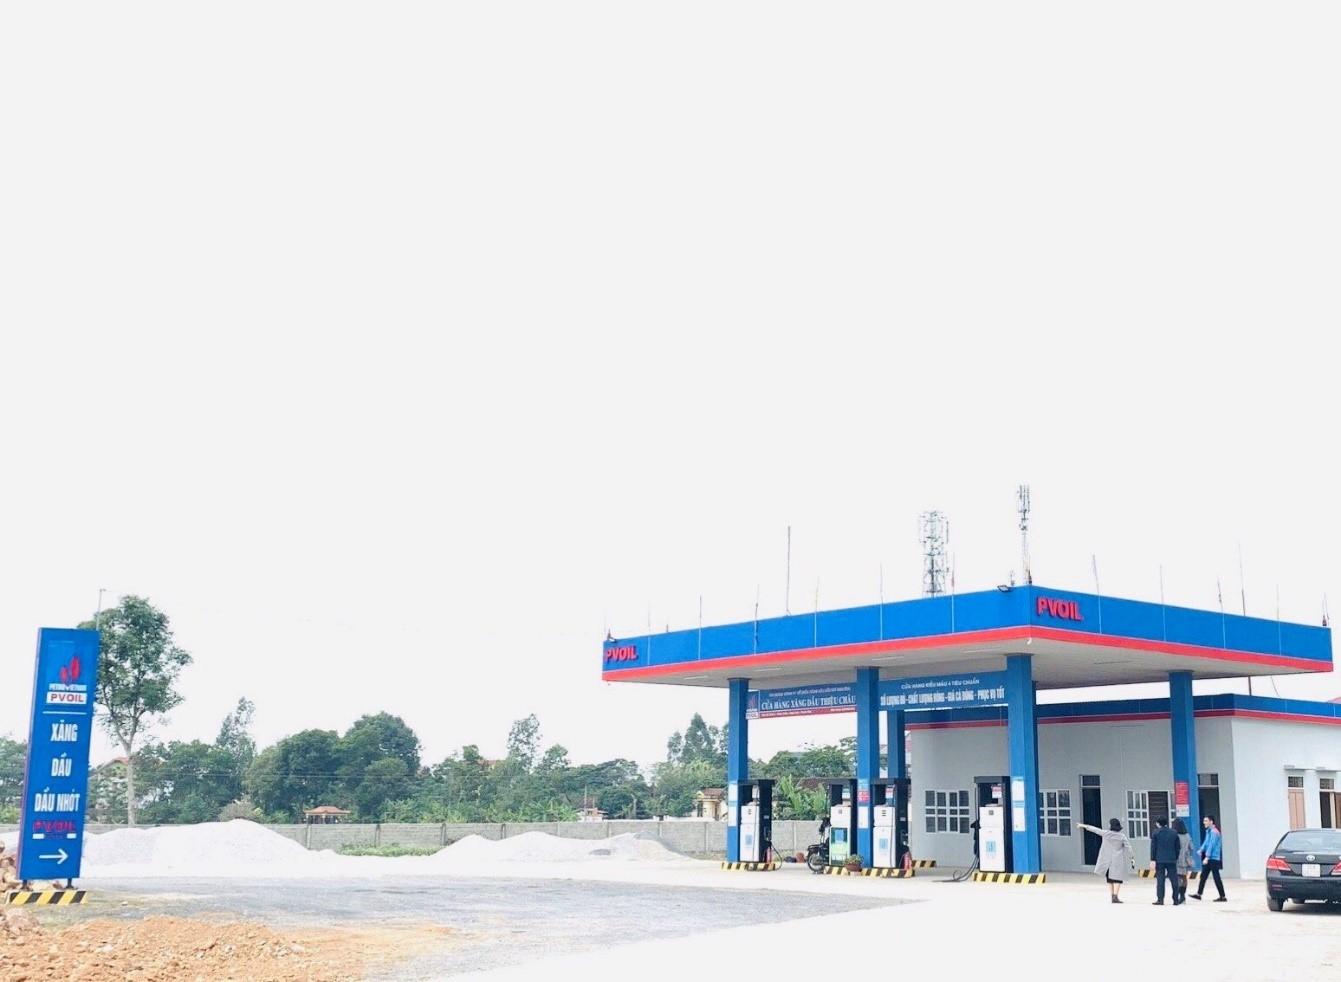 CHXD Thiệu Châu tại địa chỉ KM 10+750 phải tuyến TL502 thuộc xã Tân Châu, huyện Thiệu Hóa, tỉnh Thanh Hóa